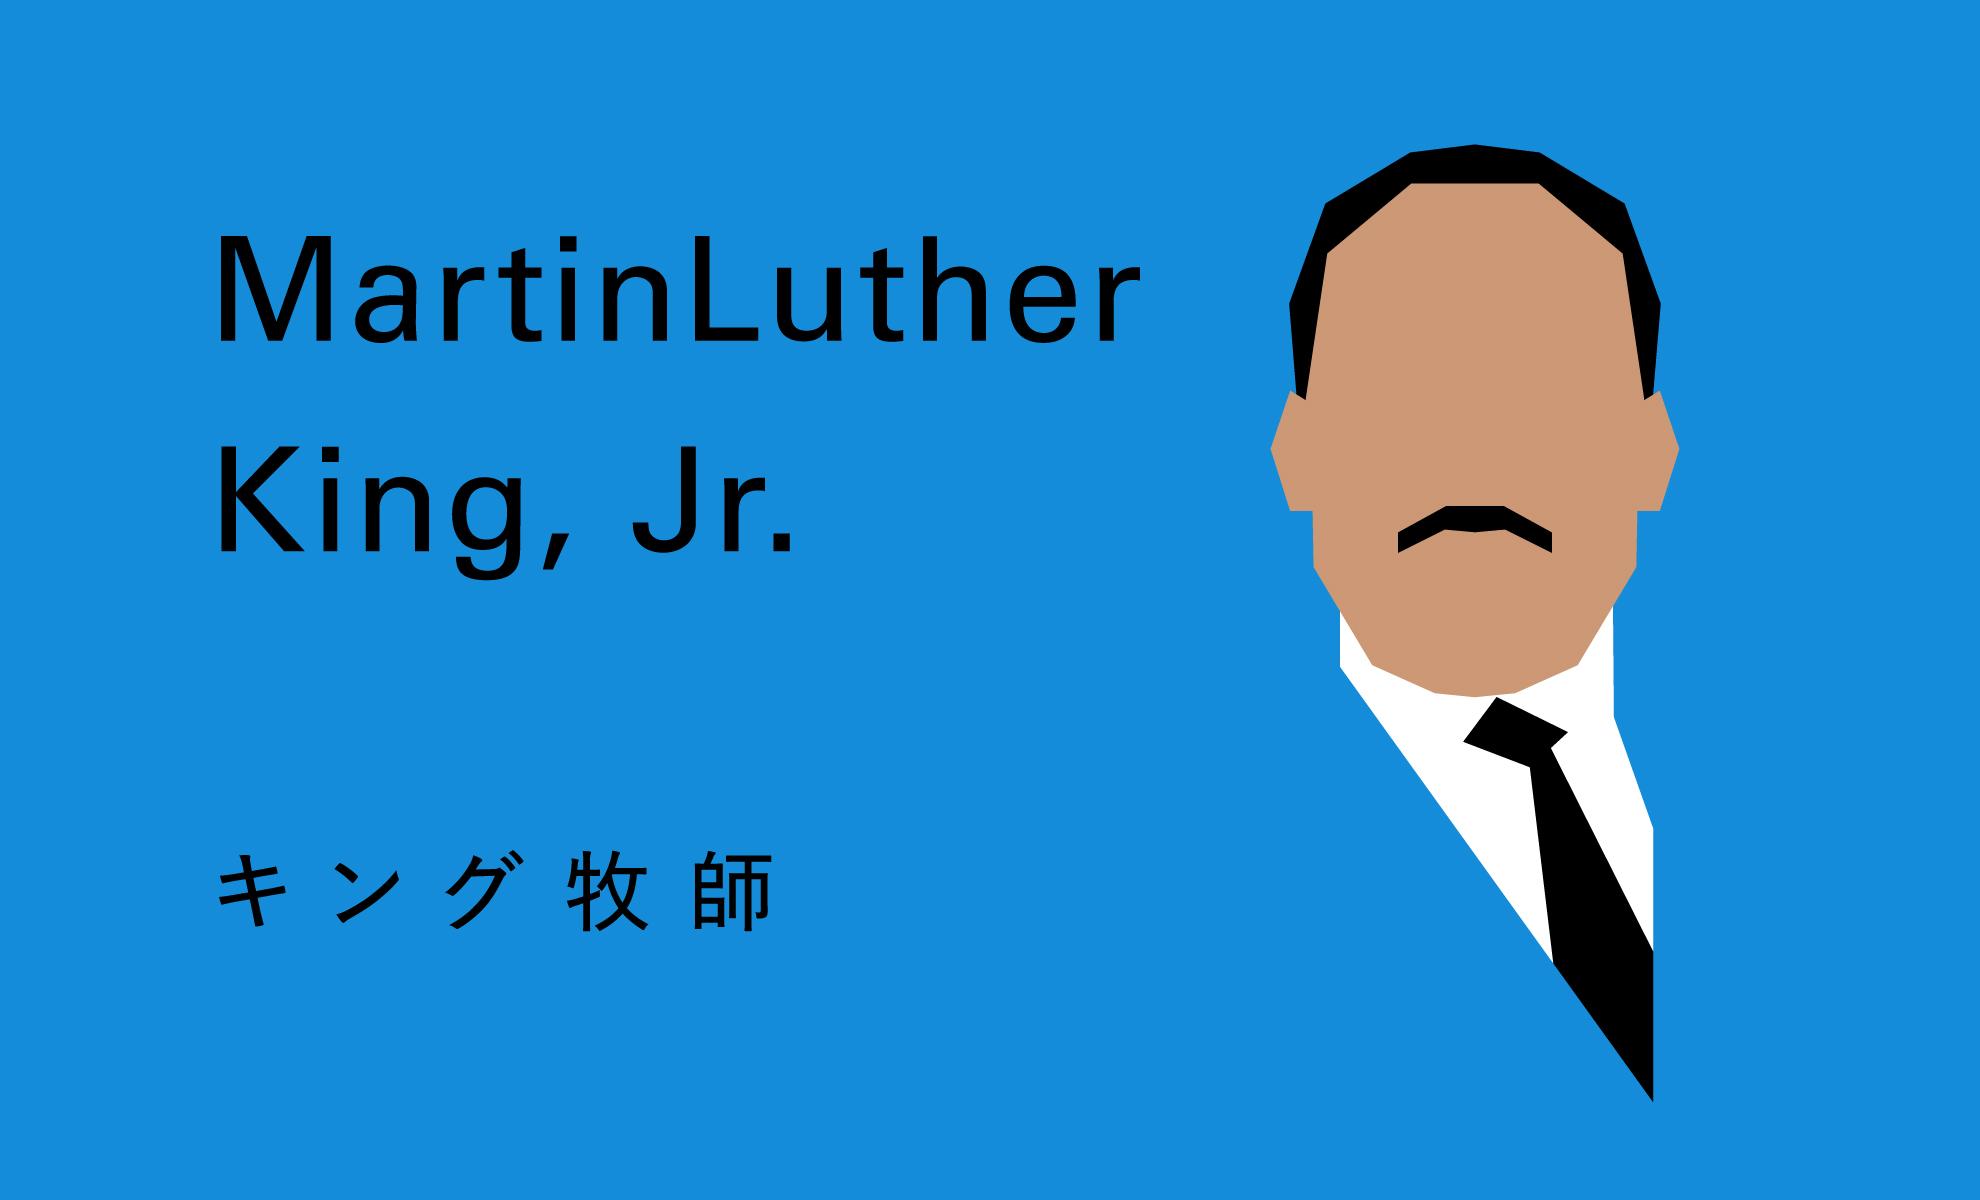 キング牧師